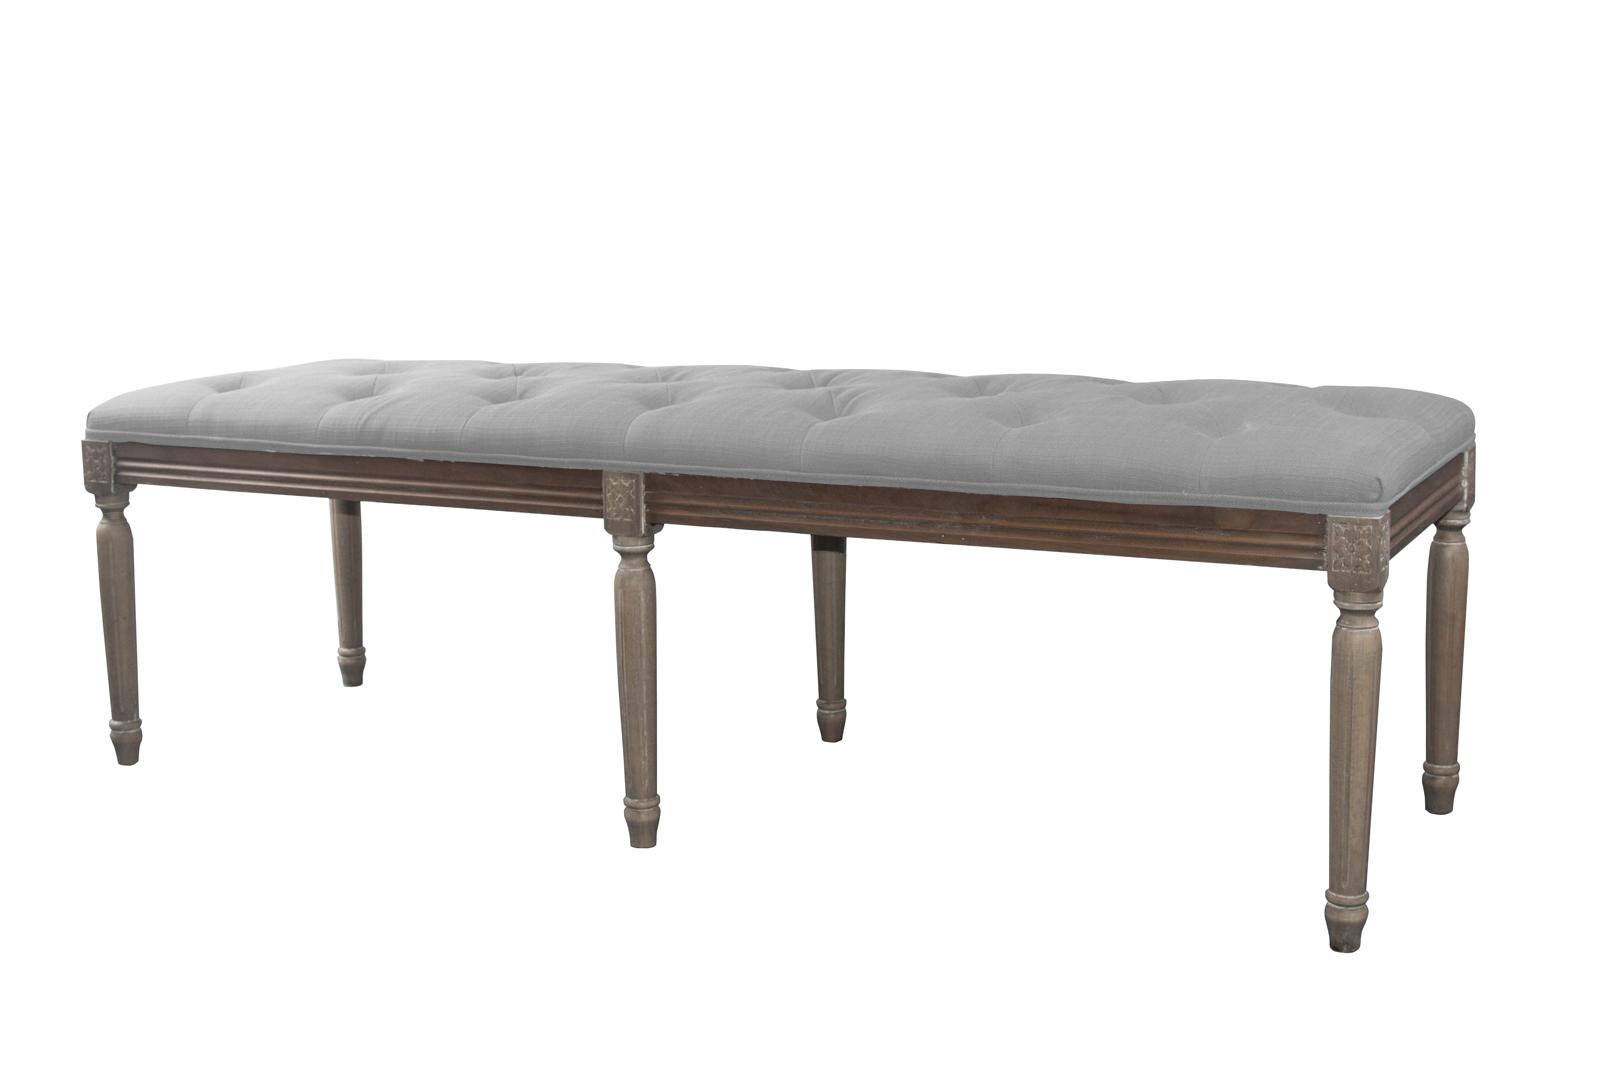 bout de lit banc capitonne en tissu gris clair 160x50xh48cm leon